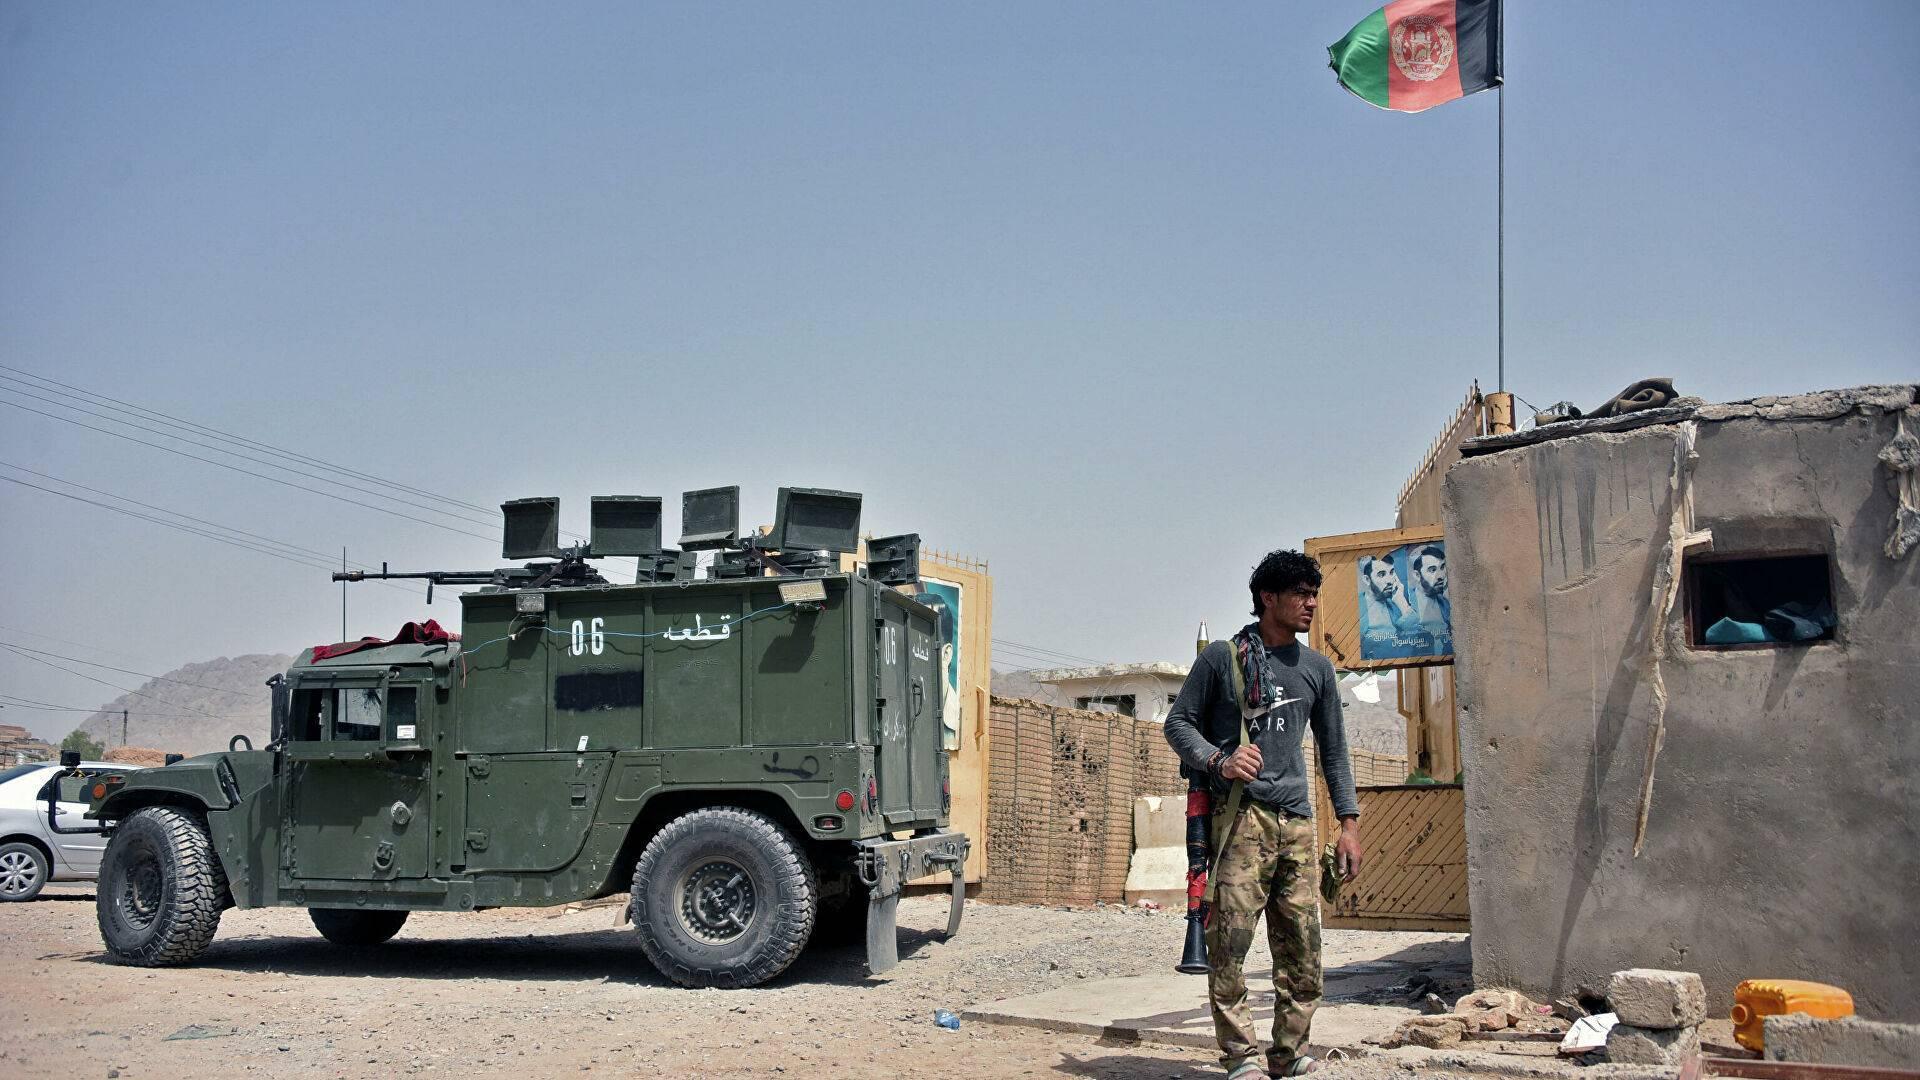 Ambasada Spaniei de la Kabul se închide! Personalul ambasadei, repatriat de urgență